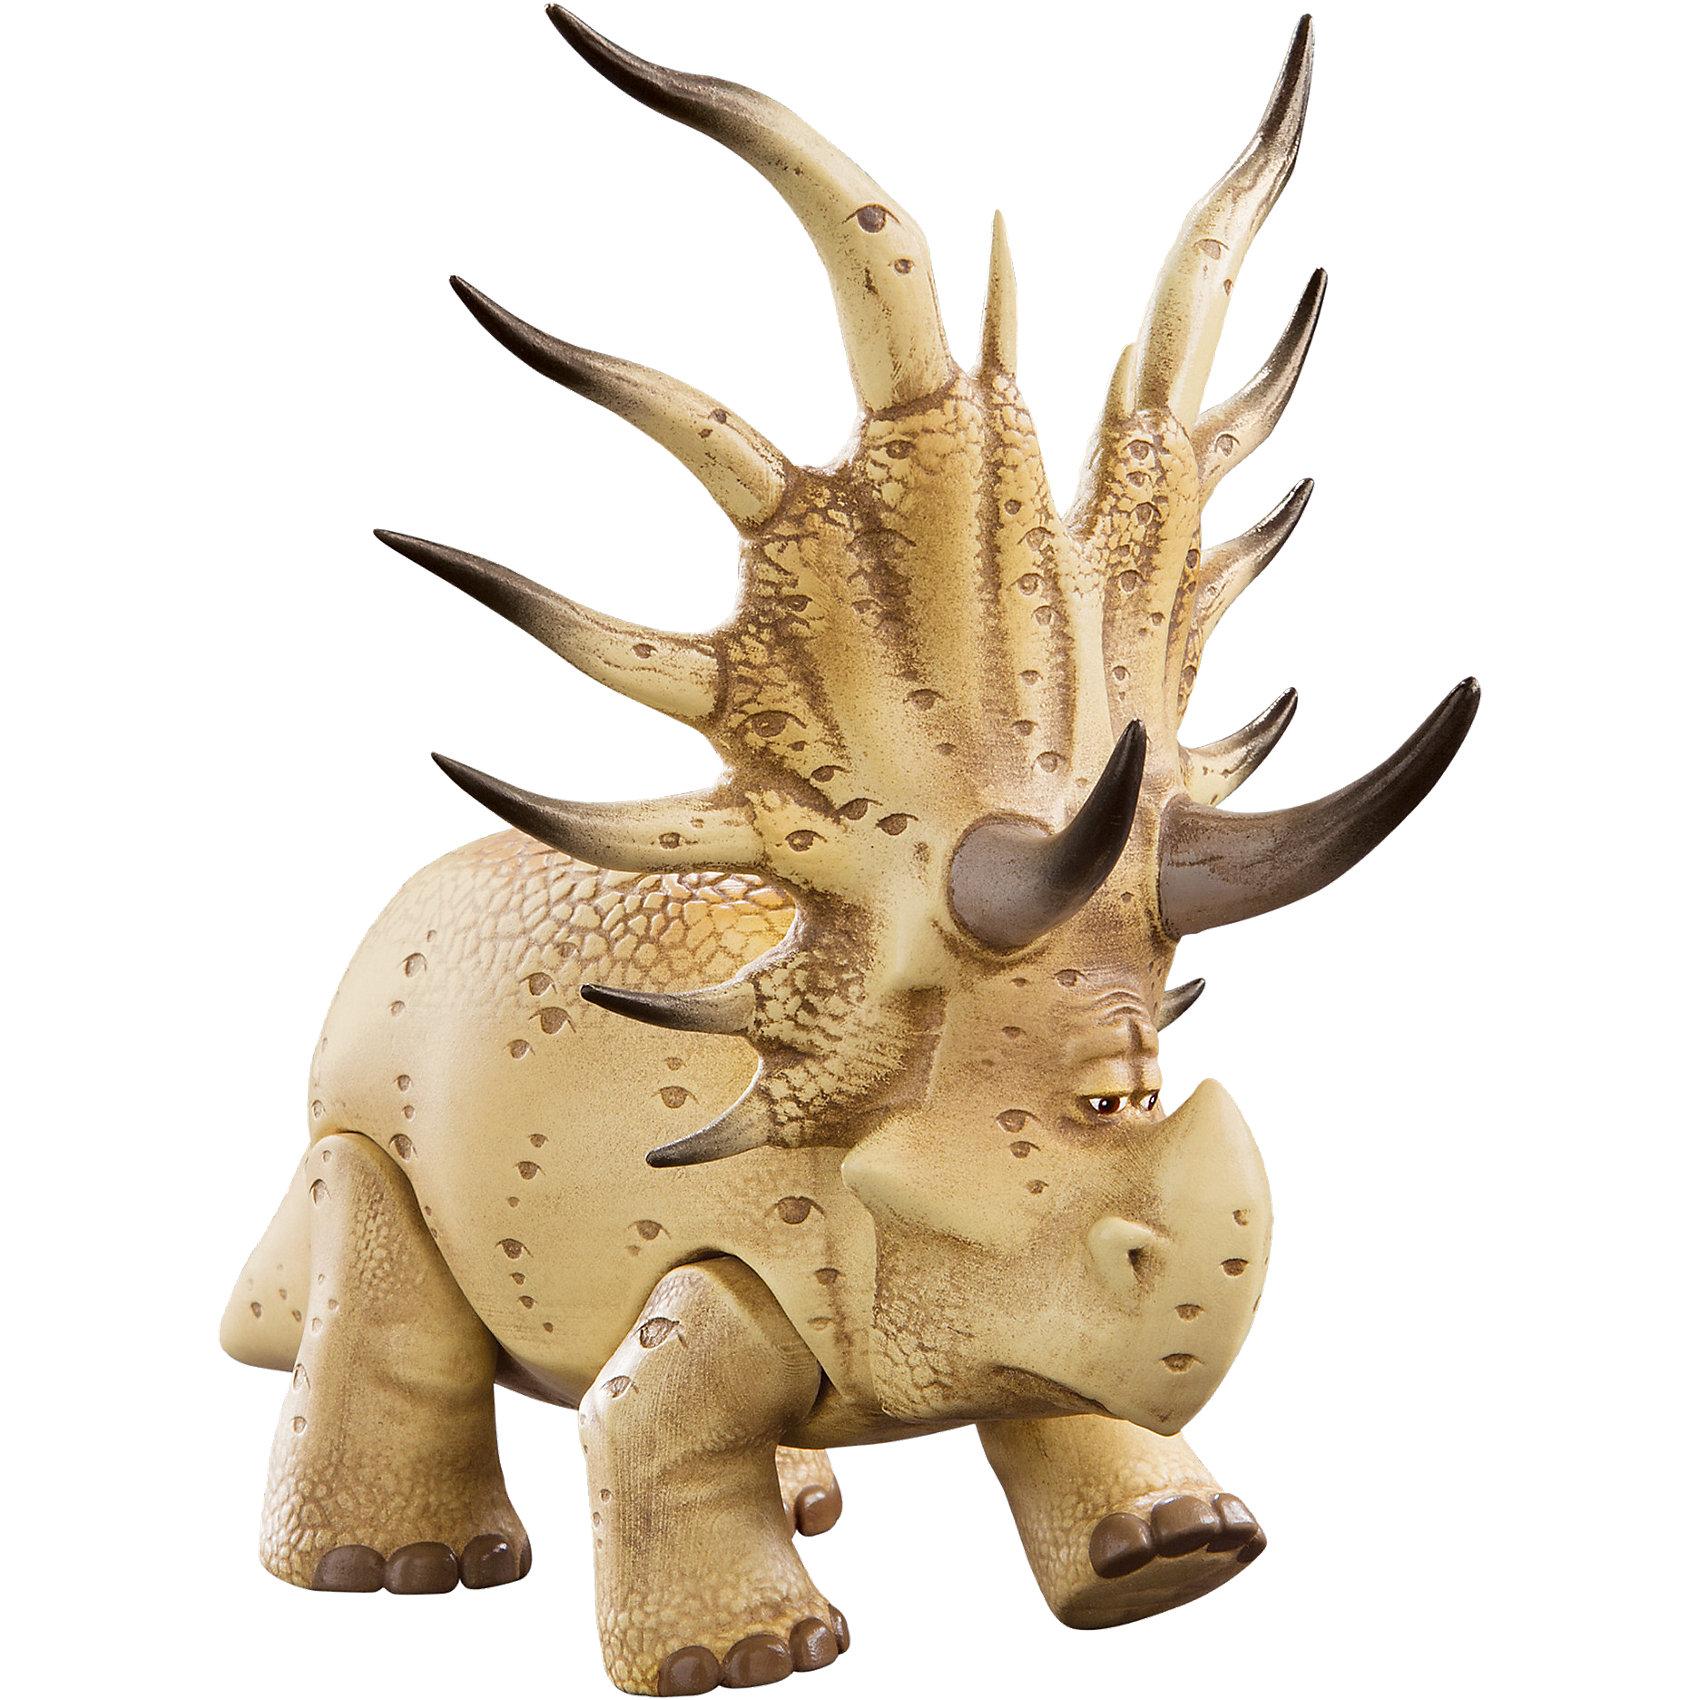 Подвижная фигурка  лесной Аконтофиопс, средняя, Хороший ДинозаврПодвижная фигурка Лесной Аконтофиопс, Хороший Динозавр, создана по мотивам нового мультфильма Хороший Динозавр (The Good Dinosaur) о необыкновенных приключениях милого и доброго динозаврика Арло. По сюжету мультфильма земная цивилизация стала развиваться альтернативным путем: динозавры не вымерли, а живут среди людей, и умом даже превосходят последних. Внешний вид фигурки полностью повторяет своего персонажа, это необычного вида таинственный ящер-шаман, живущий в чаще леса, его ветвистые рога являются домом для множества мелких зверьков. У игрушки множество подвижных элементов: двигаются лапы, вращается голова, открывается пасть. В комплект также входит зверек шамана с подвижными частями тела. Собрав фигурки героев мультика Ваш ребенок сможет вновь воссоздать все самые интересные эпизоды фантастической истории или придумать новые.<br><br>Дополнительная информация:<br><br>- В комплекте: фигурка Лесного Аконтофиопса, зверек шамана.<br>- Материал: пластик.<br>- Размер упаковки: 25 х 10 х 23 см.<br>- Вес: 0,39 кг.<br><br>Подвижную фигурку Лесной Аконтофиопс, среднюю, Хороший Динозавр, можно купить в нашем интернет-магазине.<br><br>Ширина мм: 263<br>Глубина мм: 238<br>Высота мм: 134<br>Вес г: 403<br>Возраст от месяцев: 36<br>Возраст до месяцев: 72<br>Пол: Мужской<br>Возраст: Детский<br>SKU: 4175280